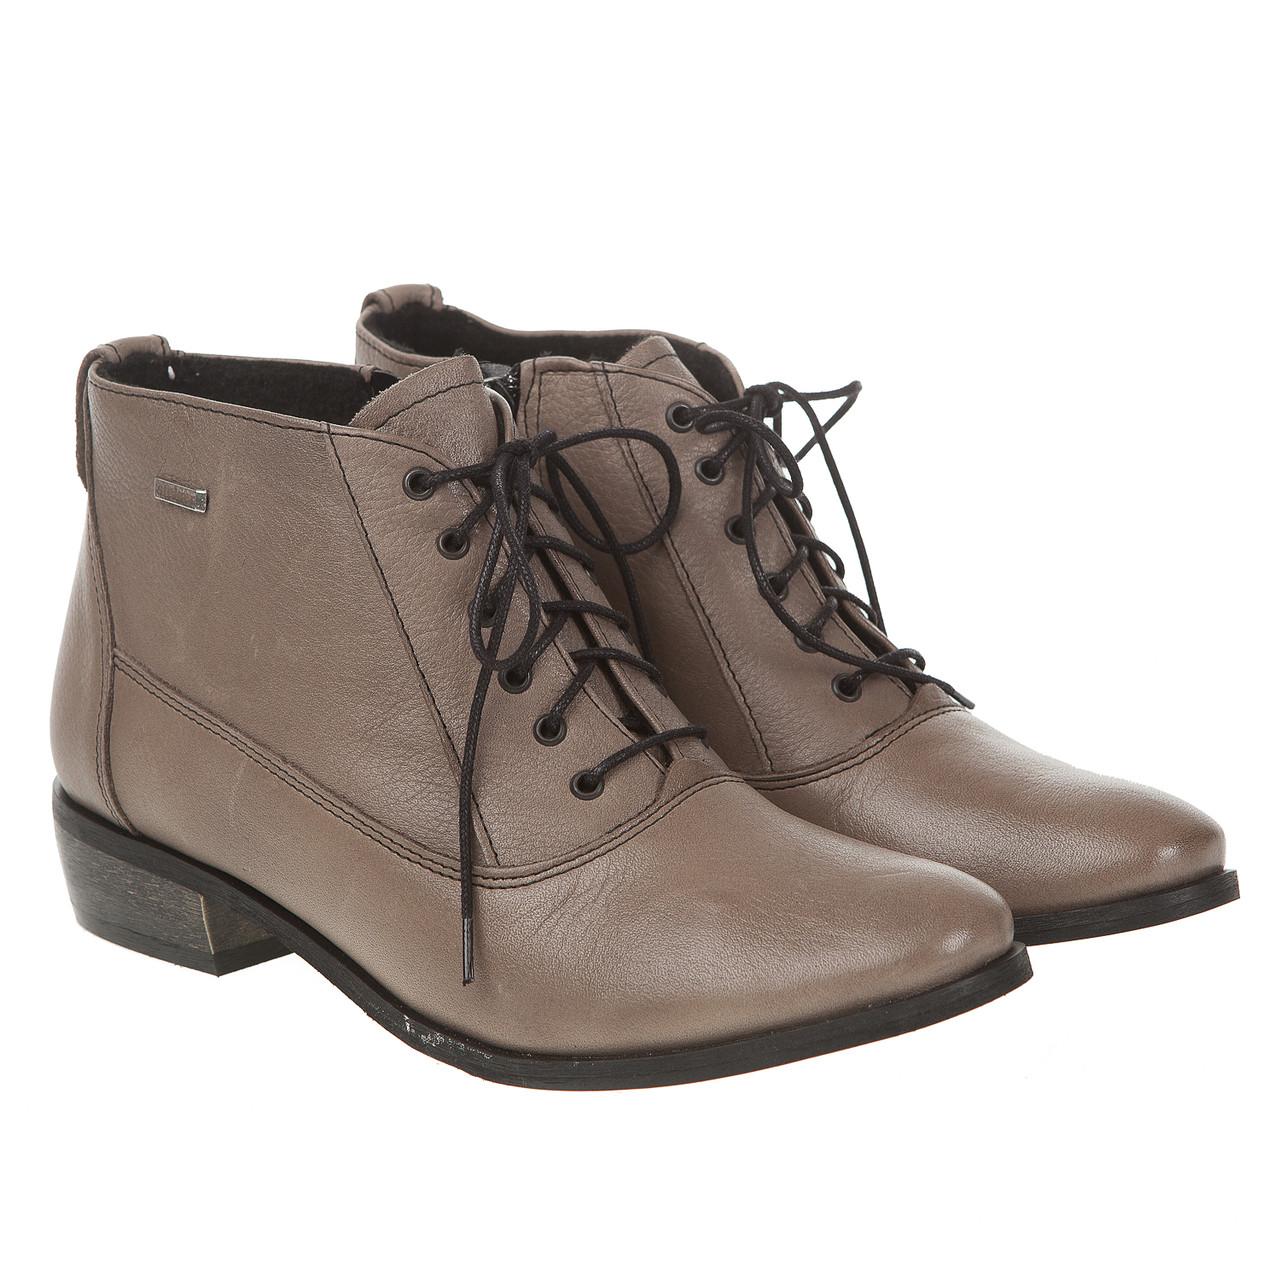 567513b1d NEW Ботинки женские Steizer (кожаные, оригинальный оттенок хаки, на  шнурках, на удобном каблуке